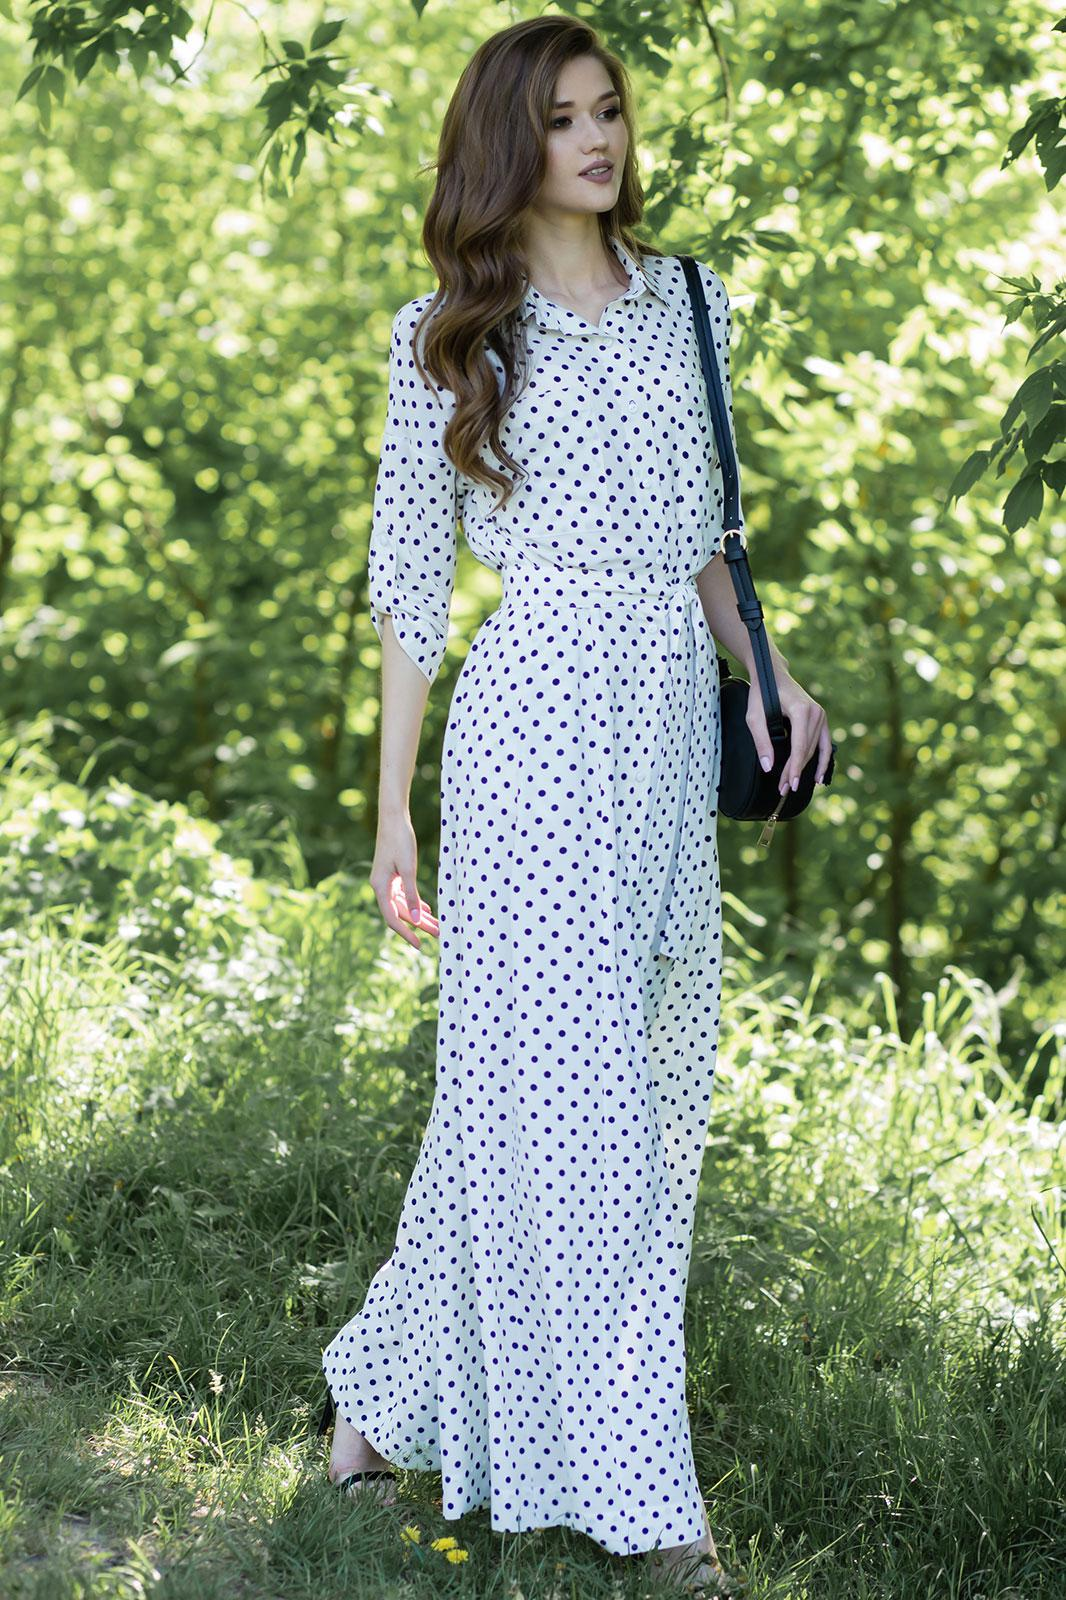 Купить Платье Juanta, 2530 горохи белый+синий, Беларусь